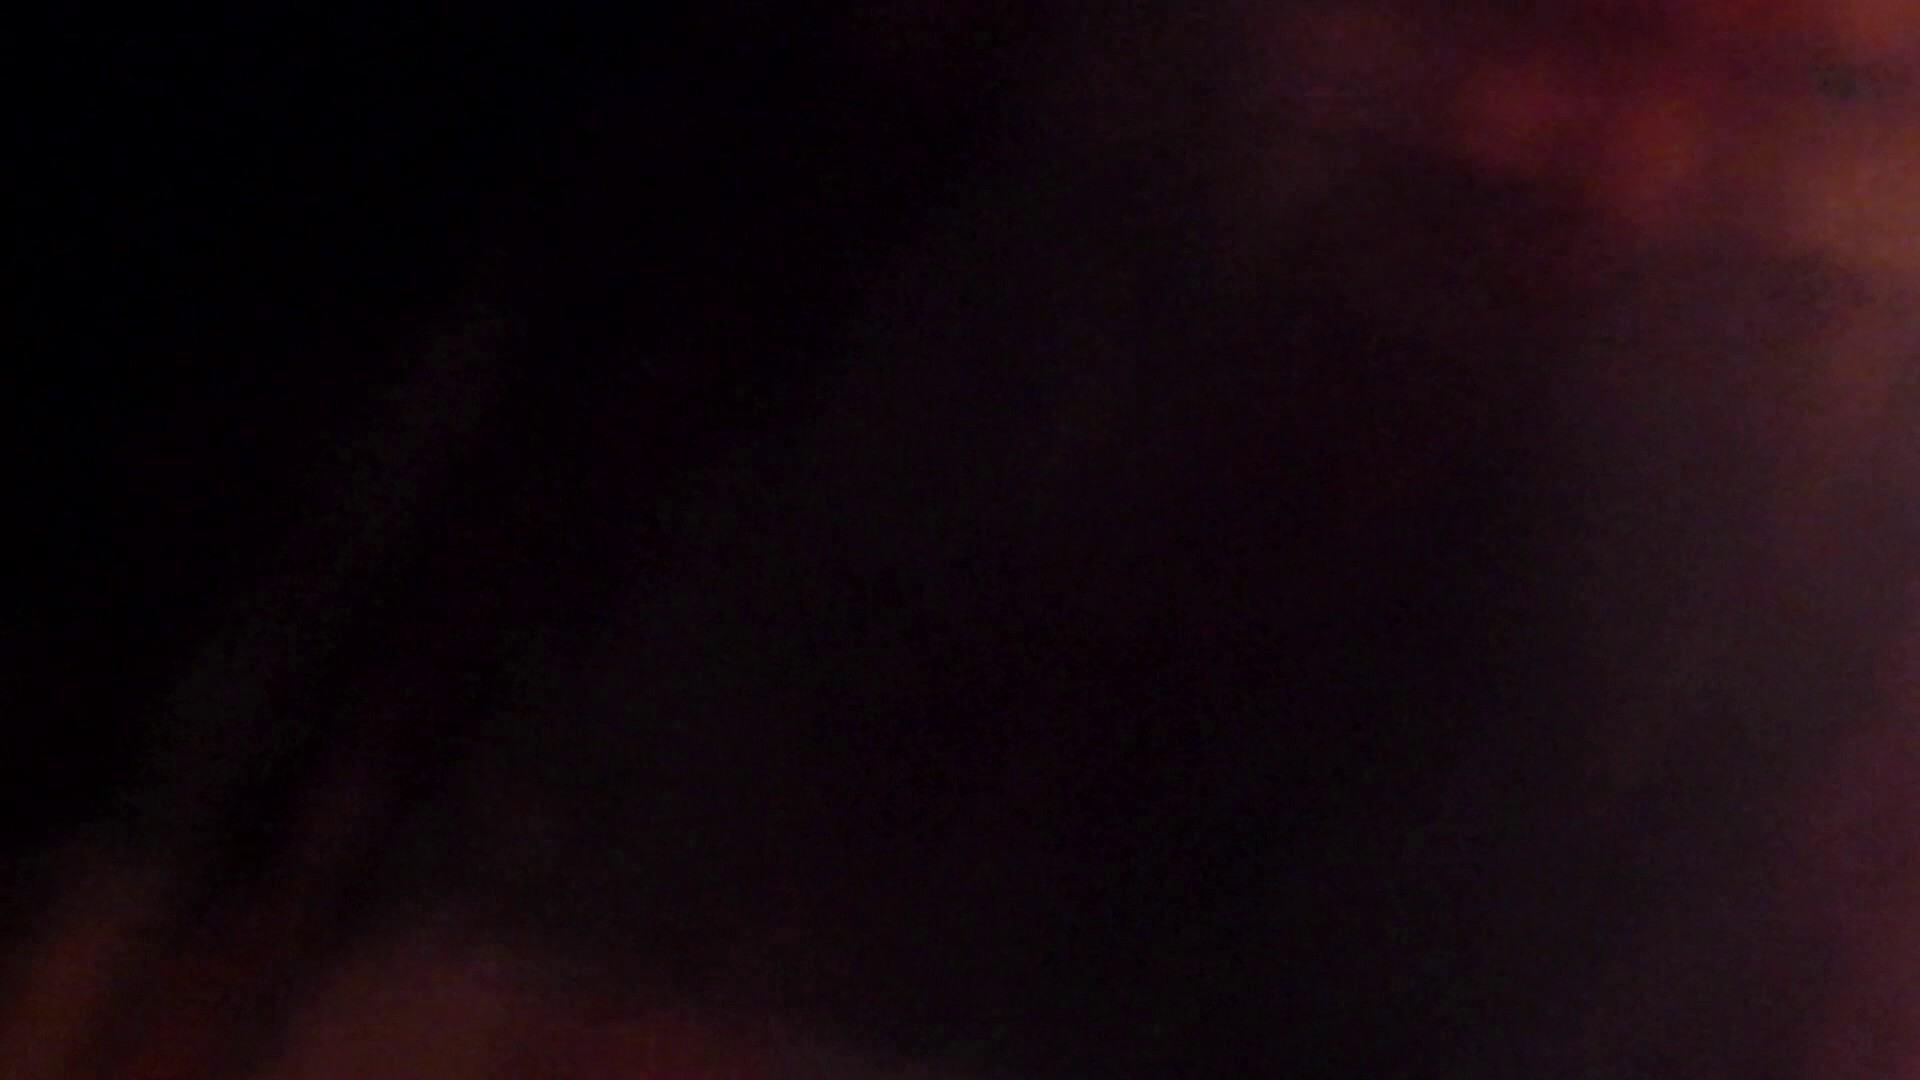 ▲復活限定▲マンコ丸見え!花火大会潜入撮 Vol.02 明るい場所に移動! お姉さん  62PIX 36